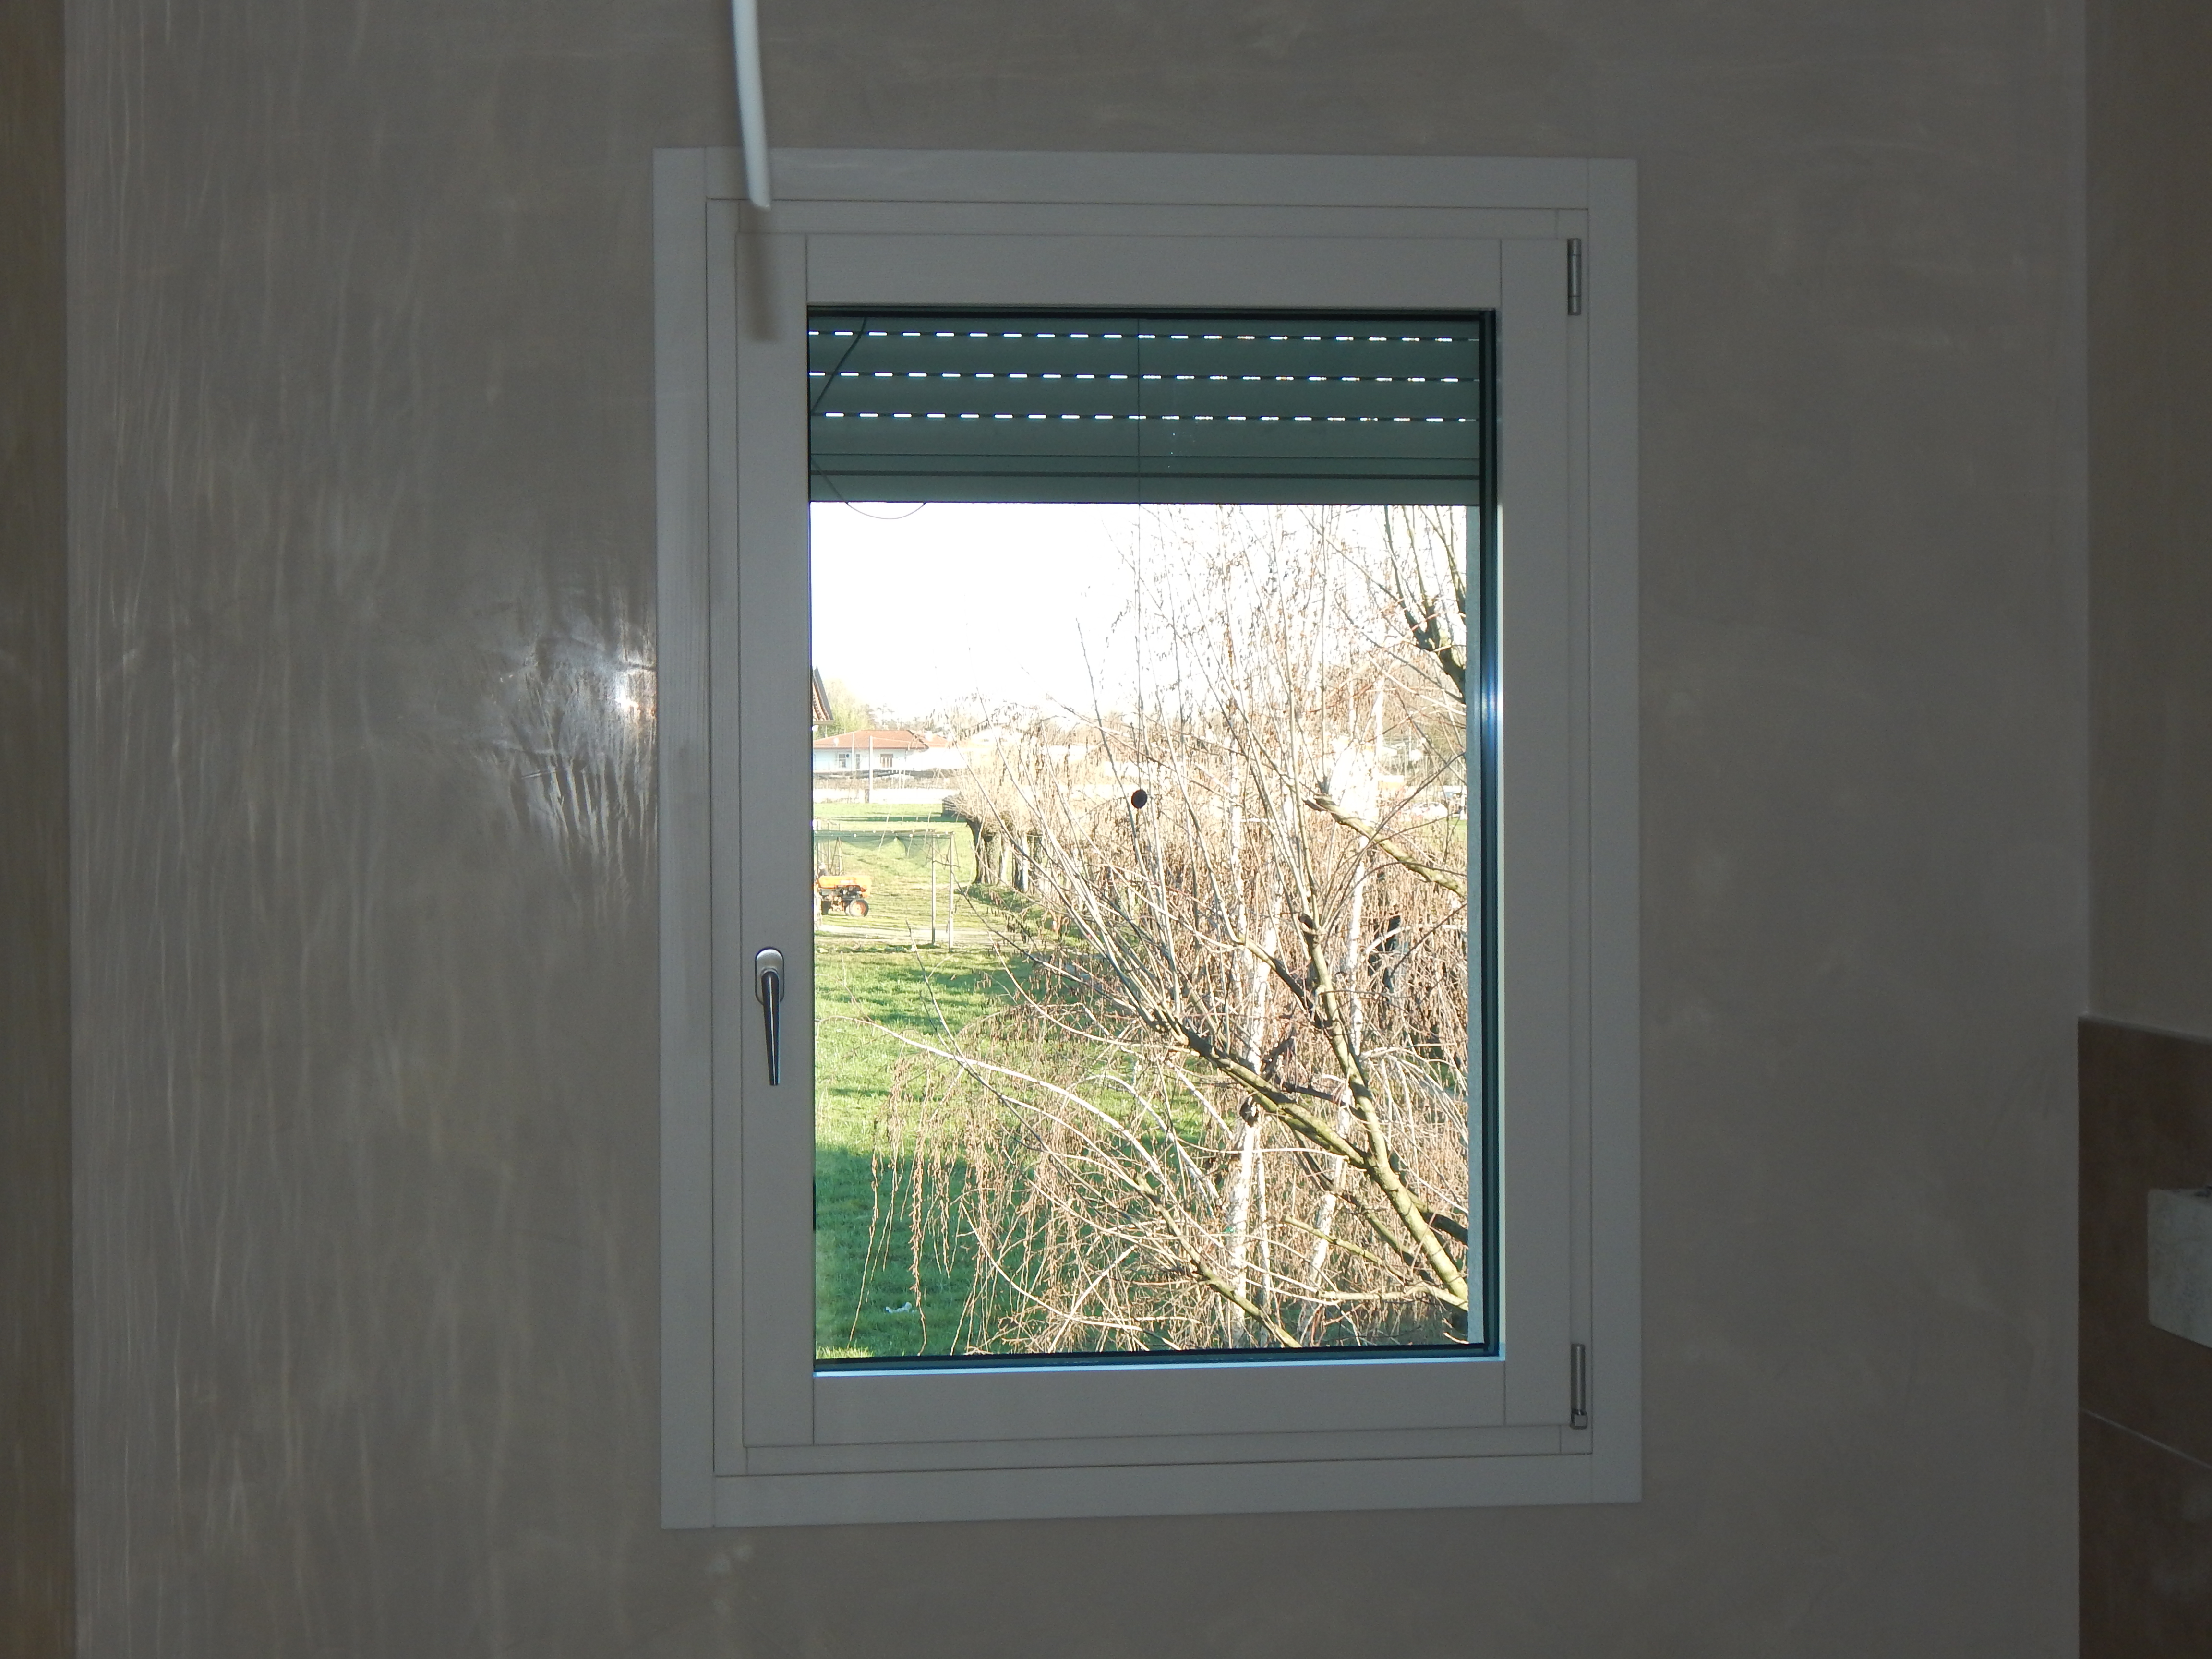 Finestra modello top zero padova realizzazione porte finestre portoncini d 39 ingresso e scuri - Modelli di finestre ...